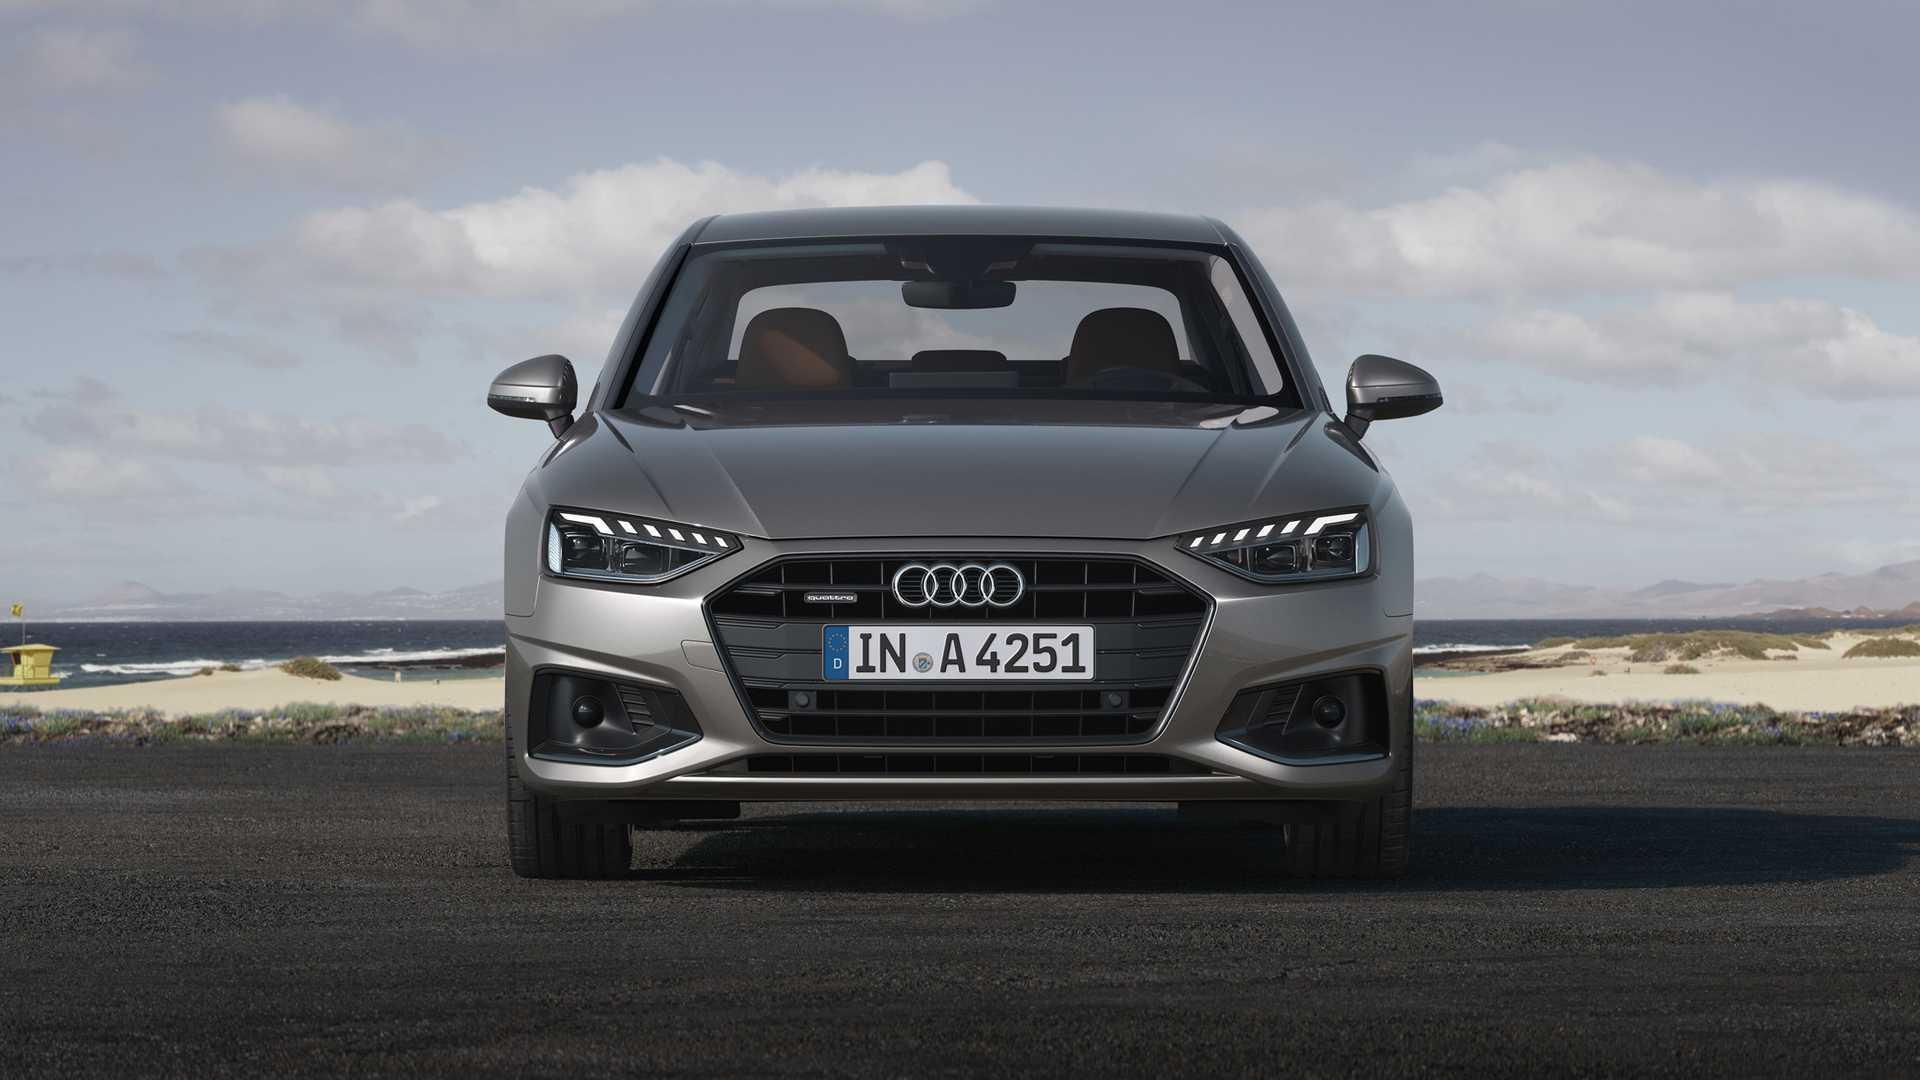 Audi Wollte Angeblich Nachsten A4 Auf Mqb Plattform Stutzen